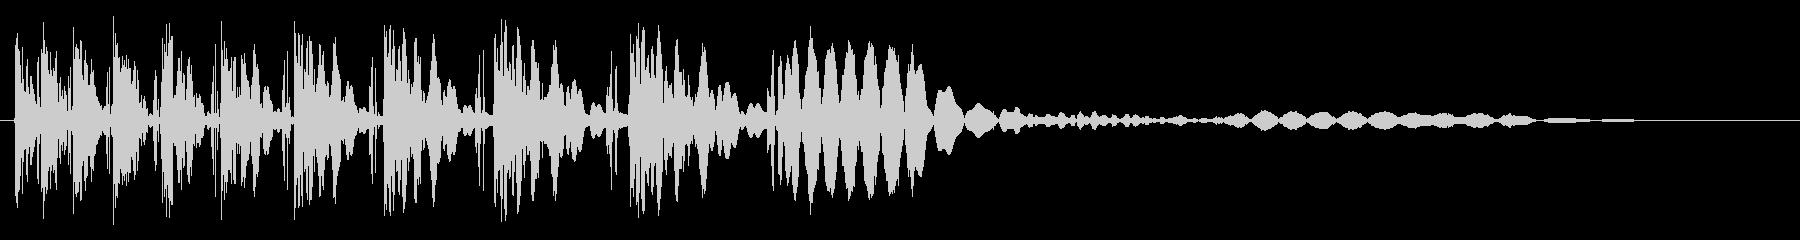 段階的なポップヒットスイープの未再生の波形